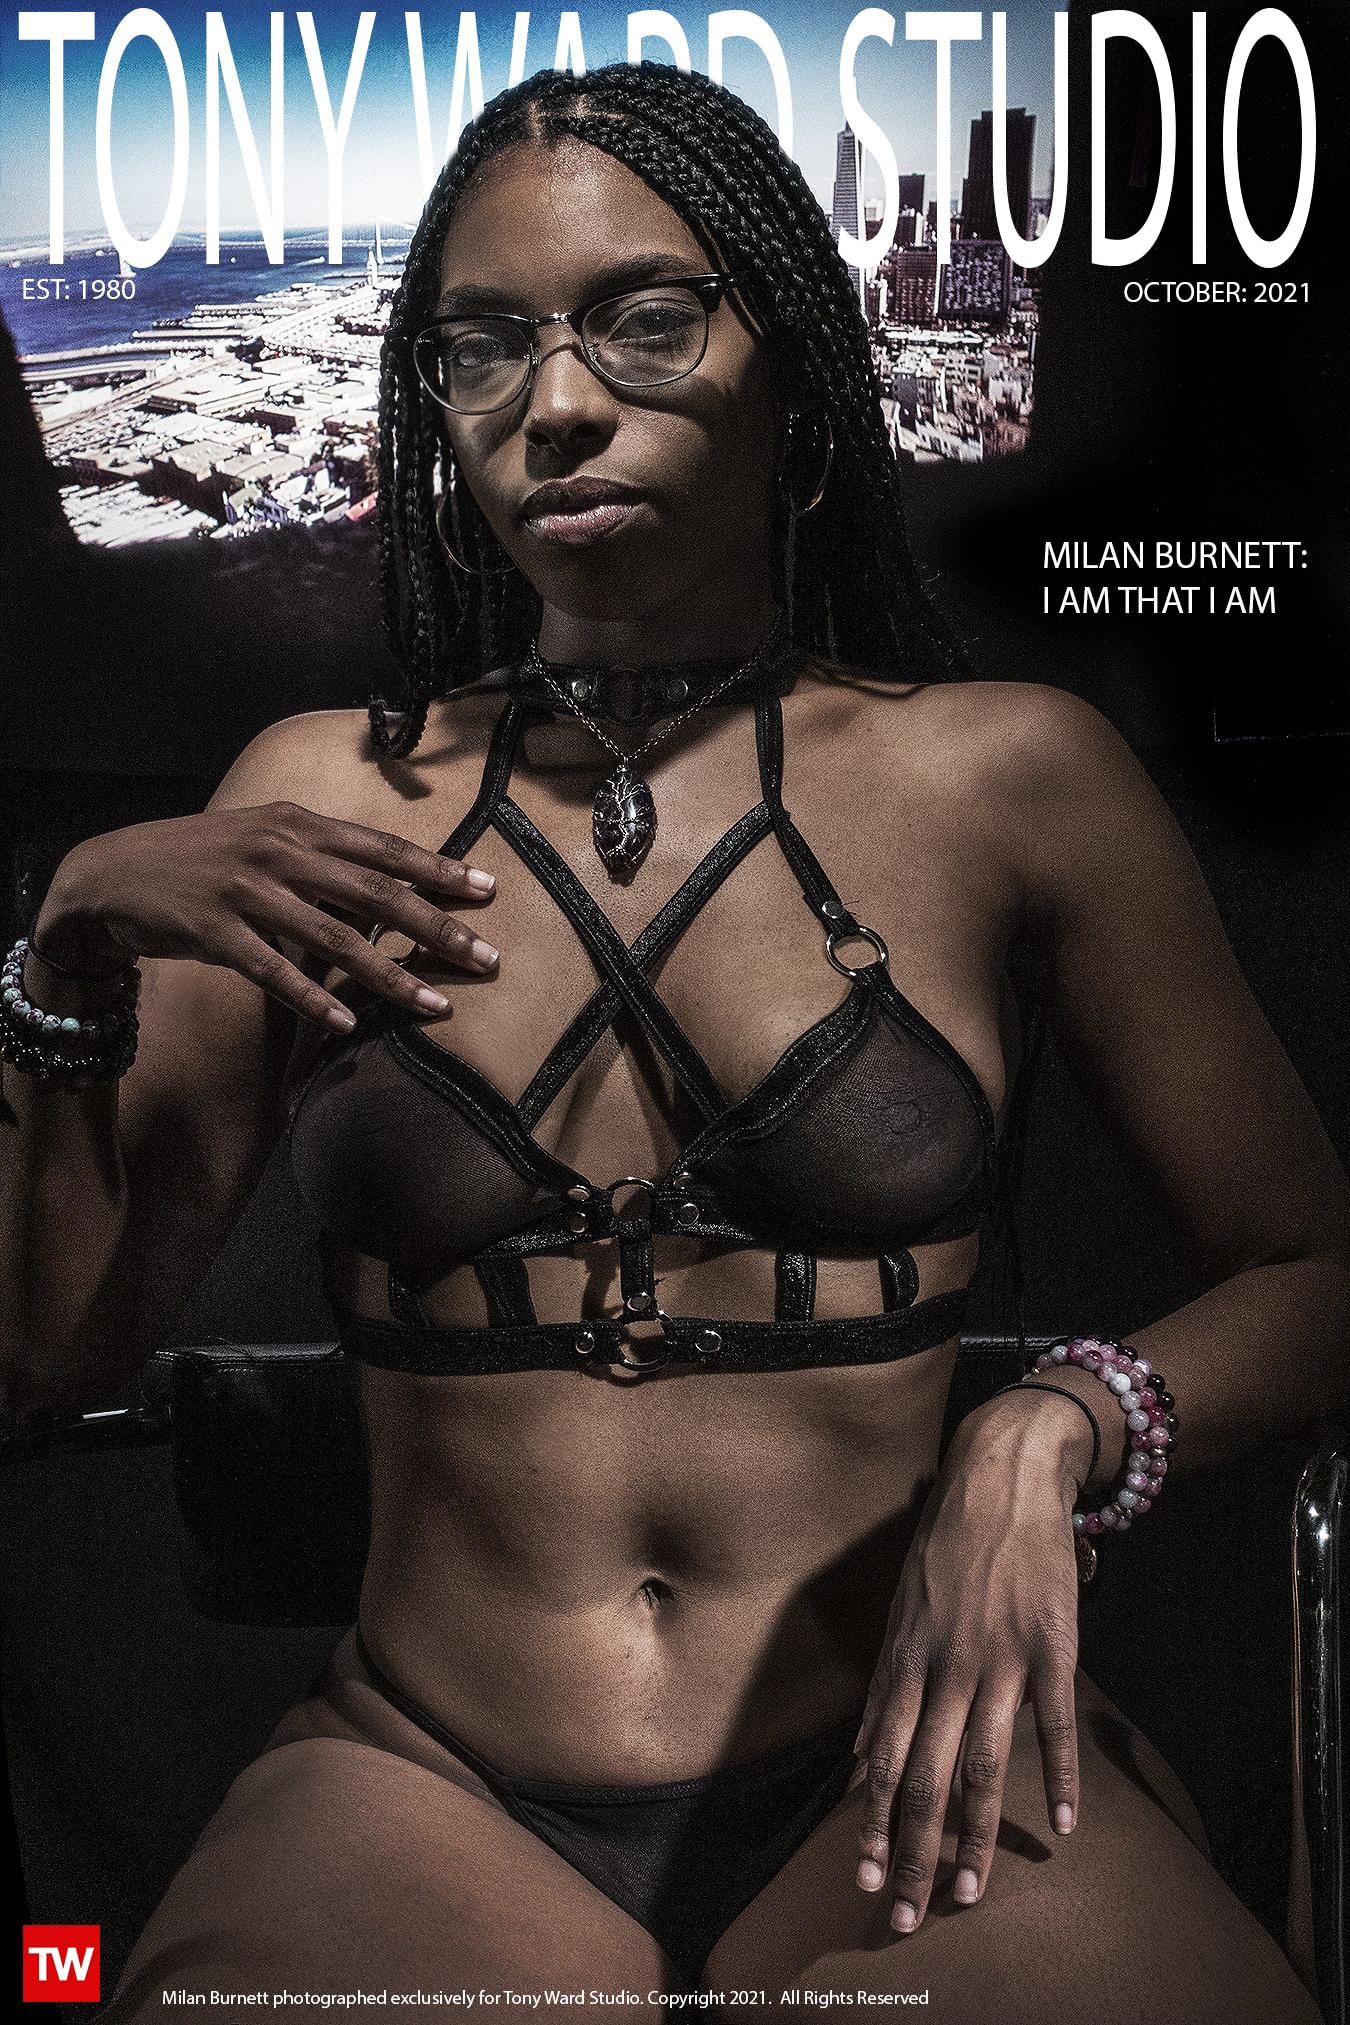 cover photo of model Milan Burnett